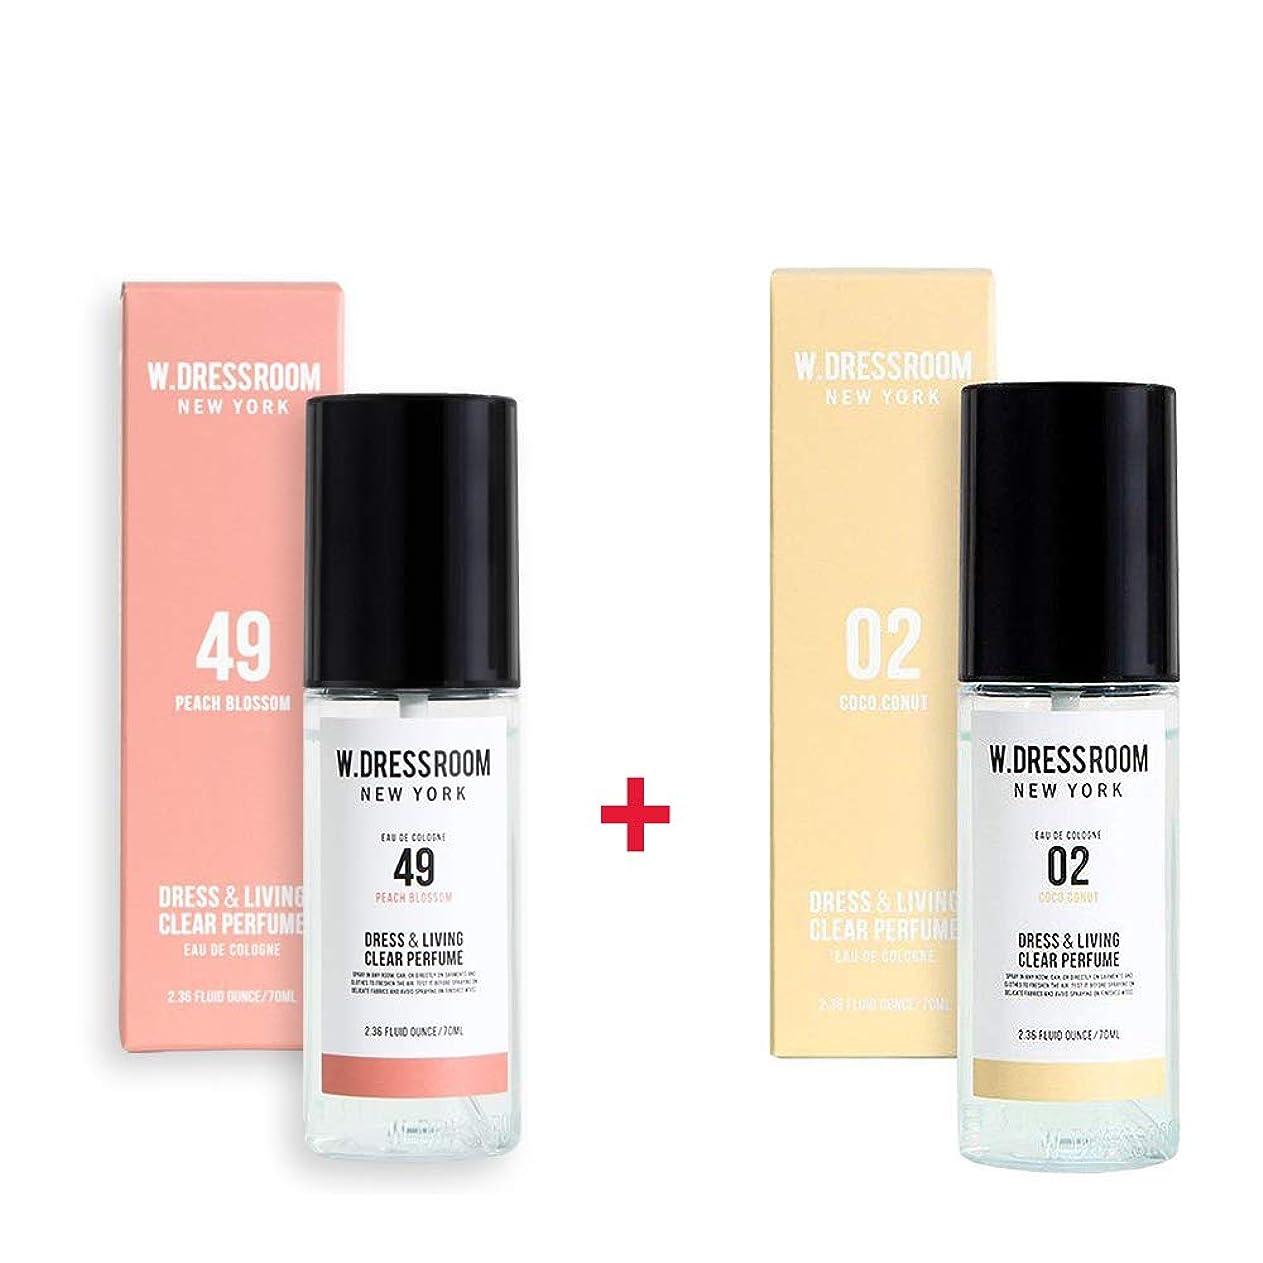 万歳カップル魅力的W.DRESSROOM Dress & Living Clear Perfume 70ml (No 49 Peach Blossom)+(No .02 Coco Conut)